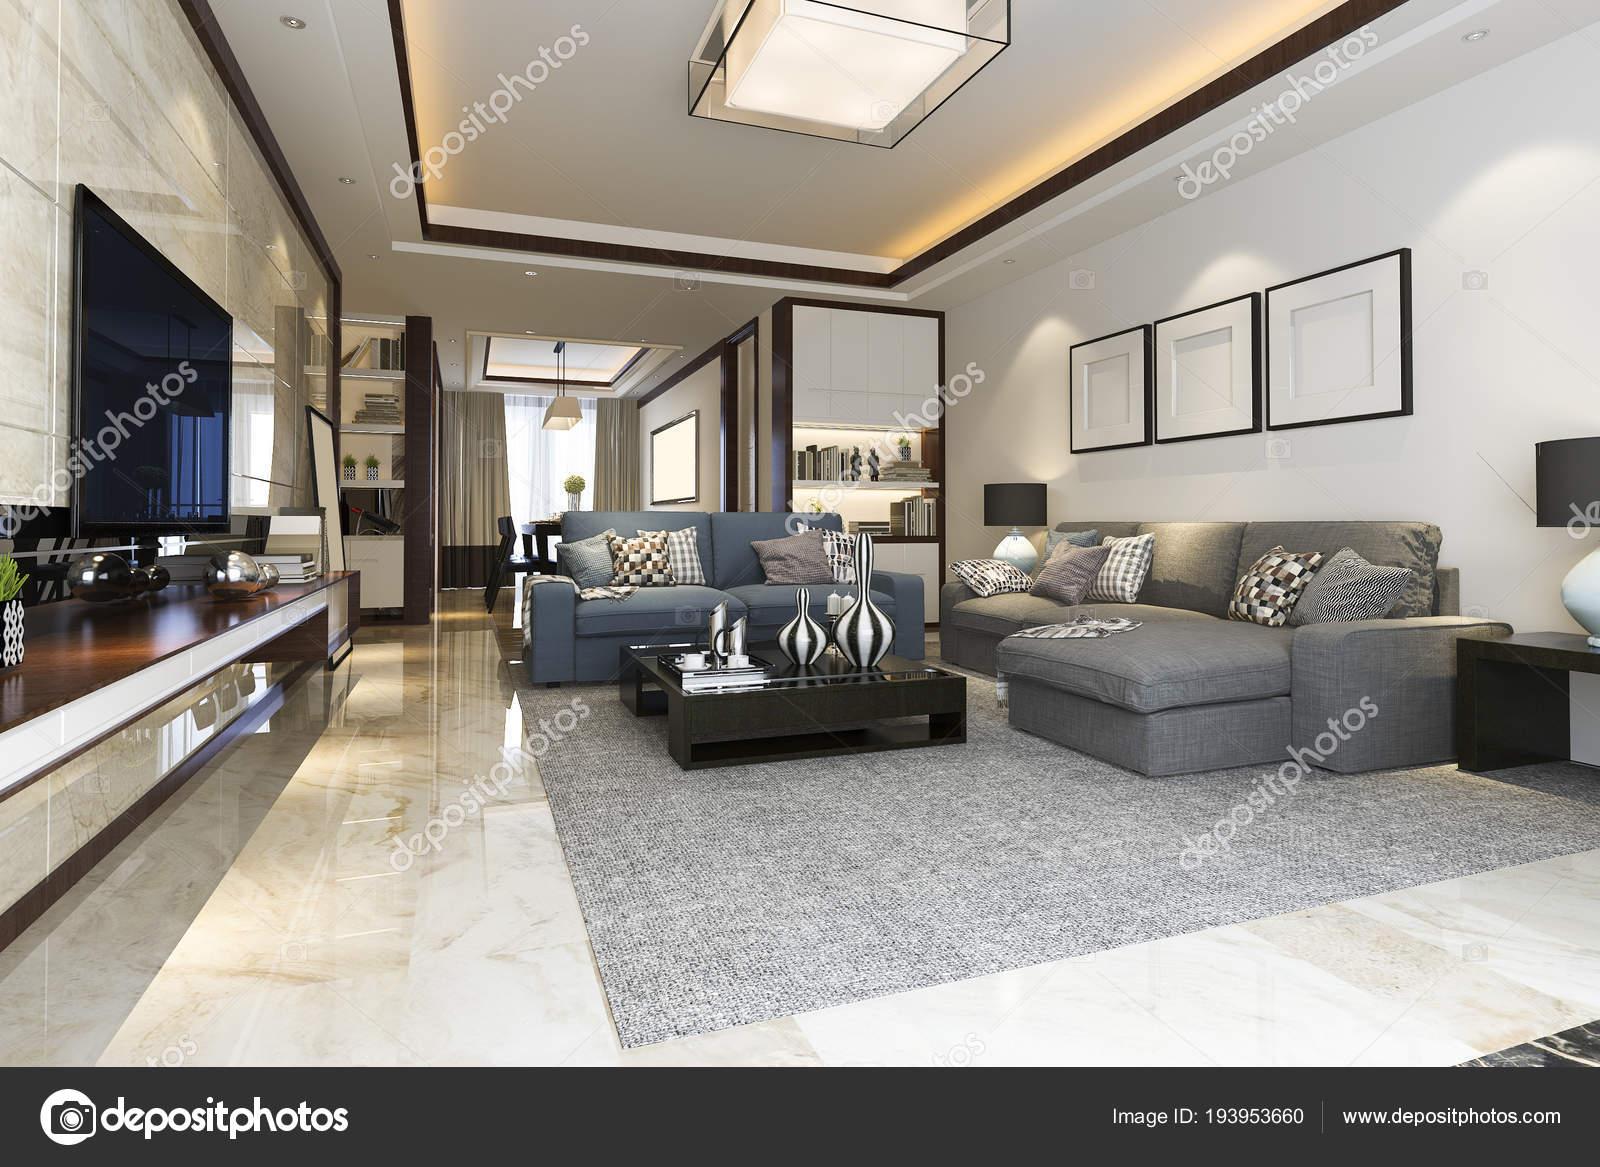 Woonkamer Met Boekenkast : Loft luxe woonkamer met boekenkast u2014 stockfoto © dit26978 #193953660